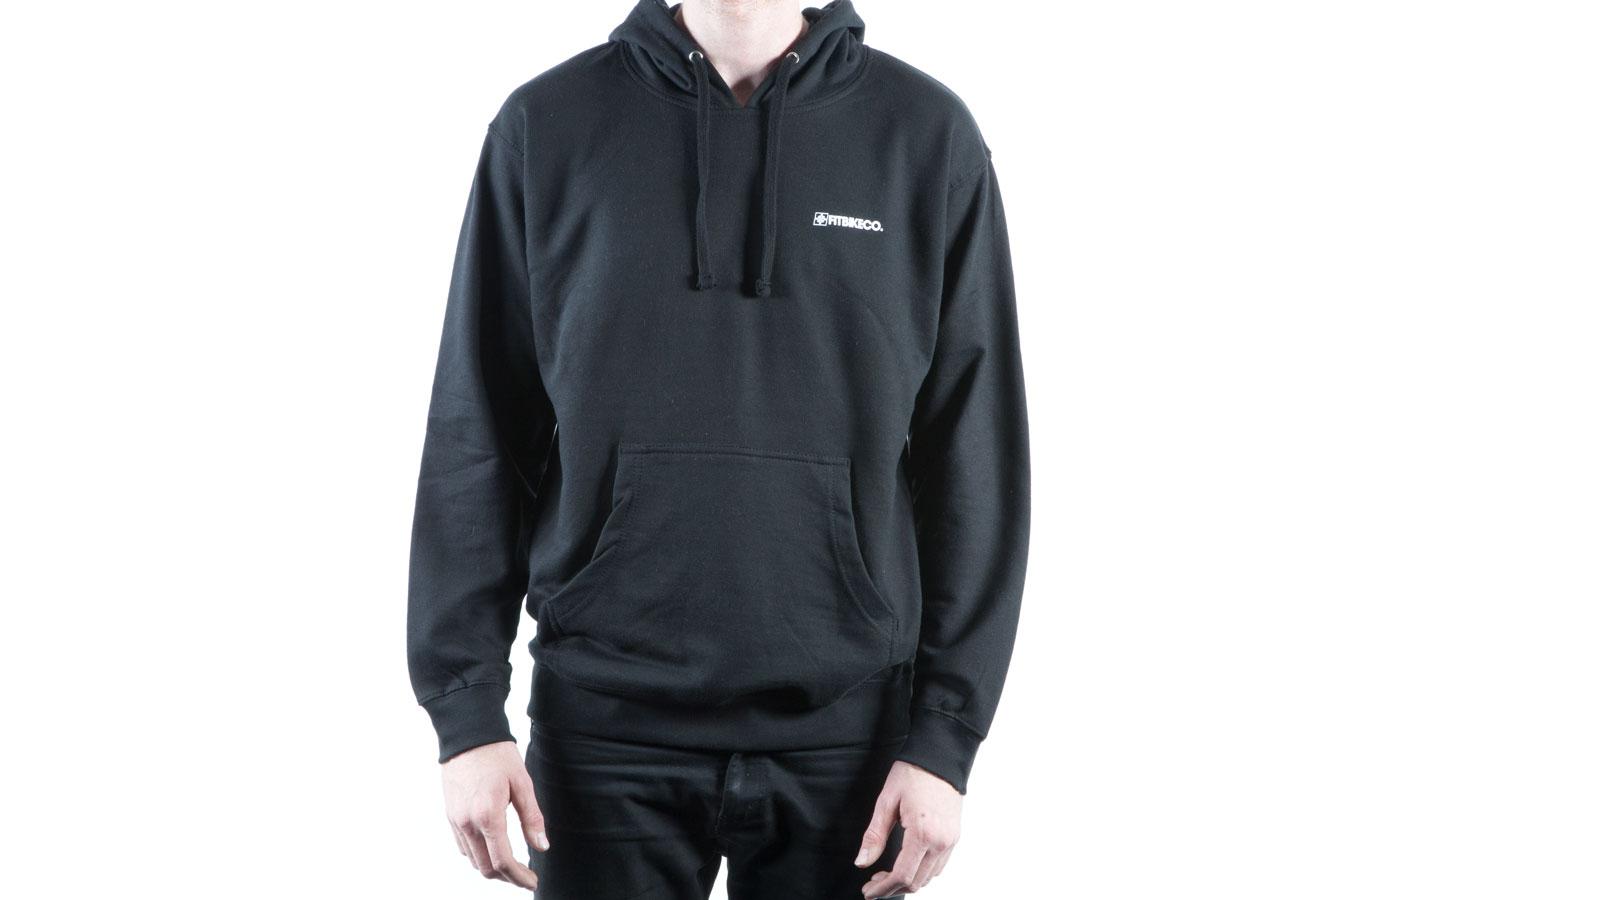 fit_hoodies_a